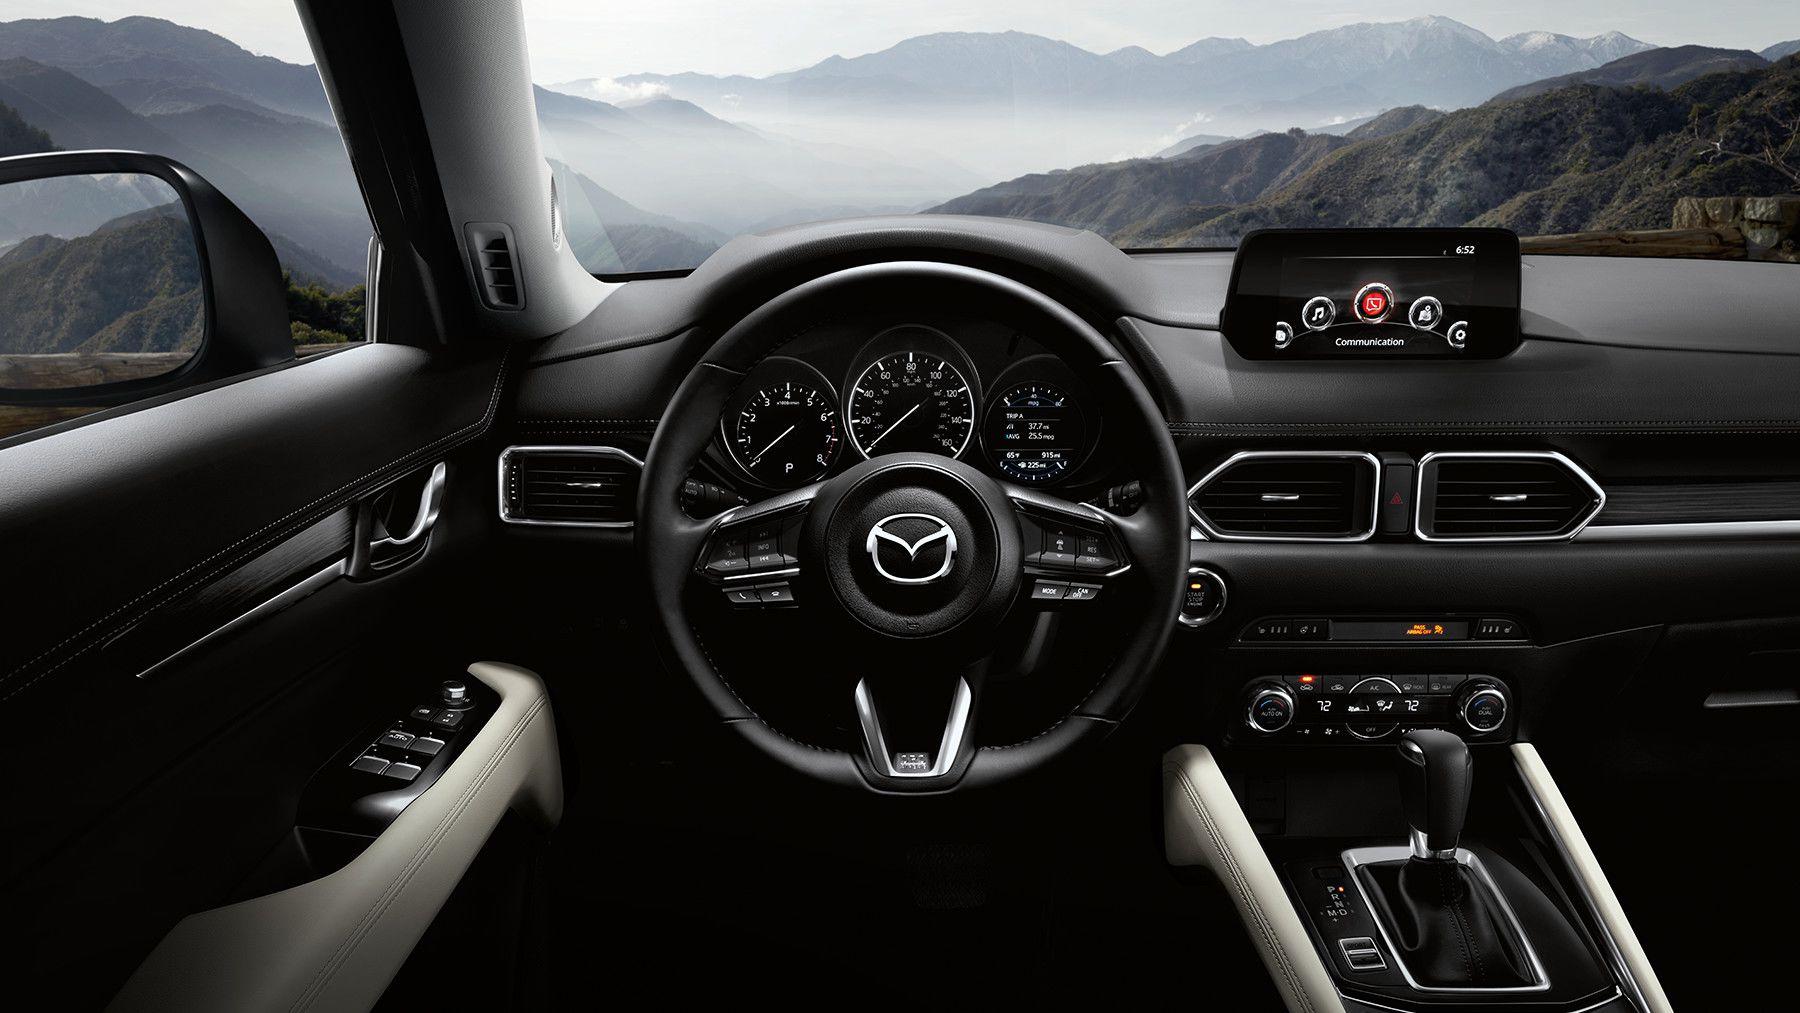 2018 Mazda Cx 5 Crossover Pictures Amp Videos Mazda Usa